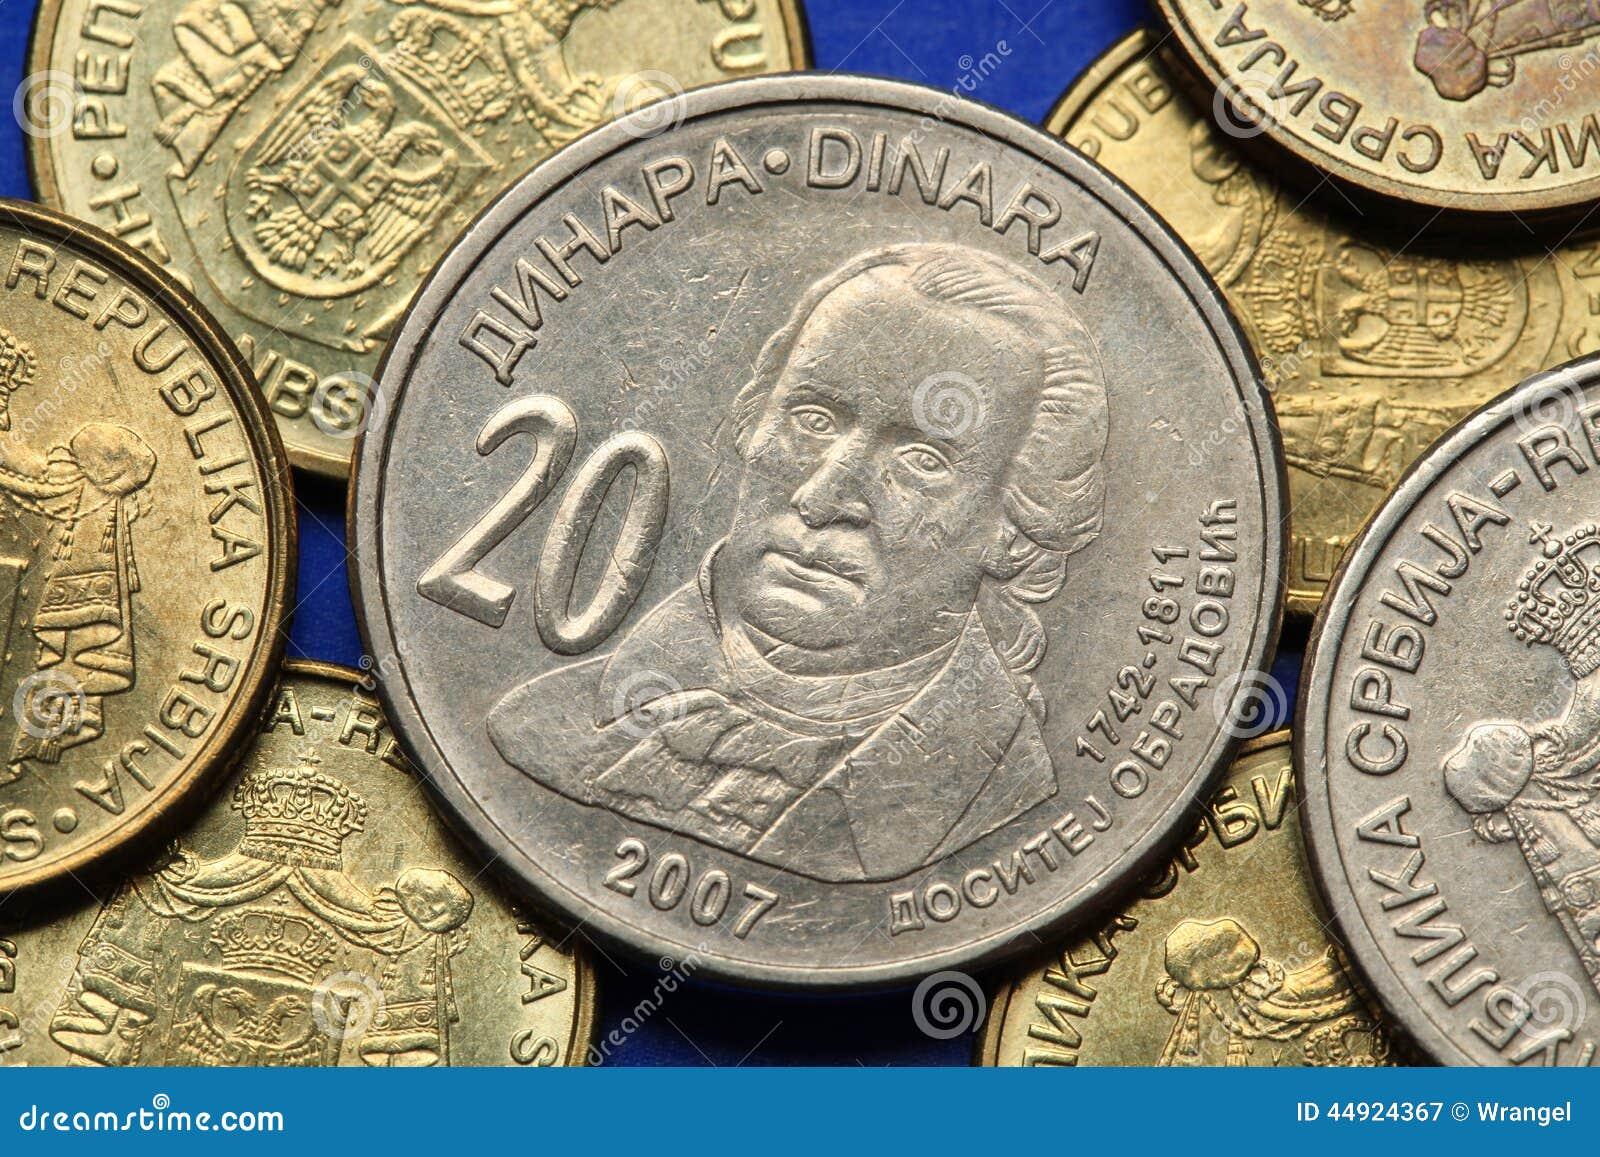 Flip coin 20 times 20 : Wax token erc20 address